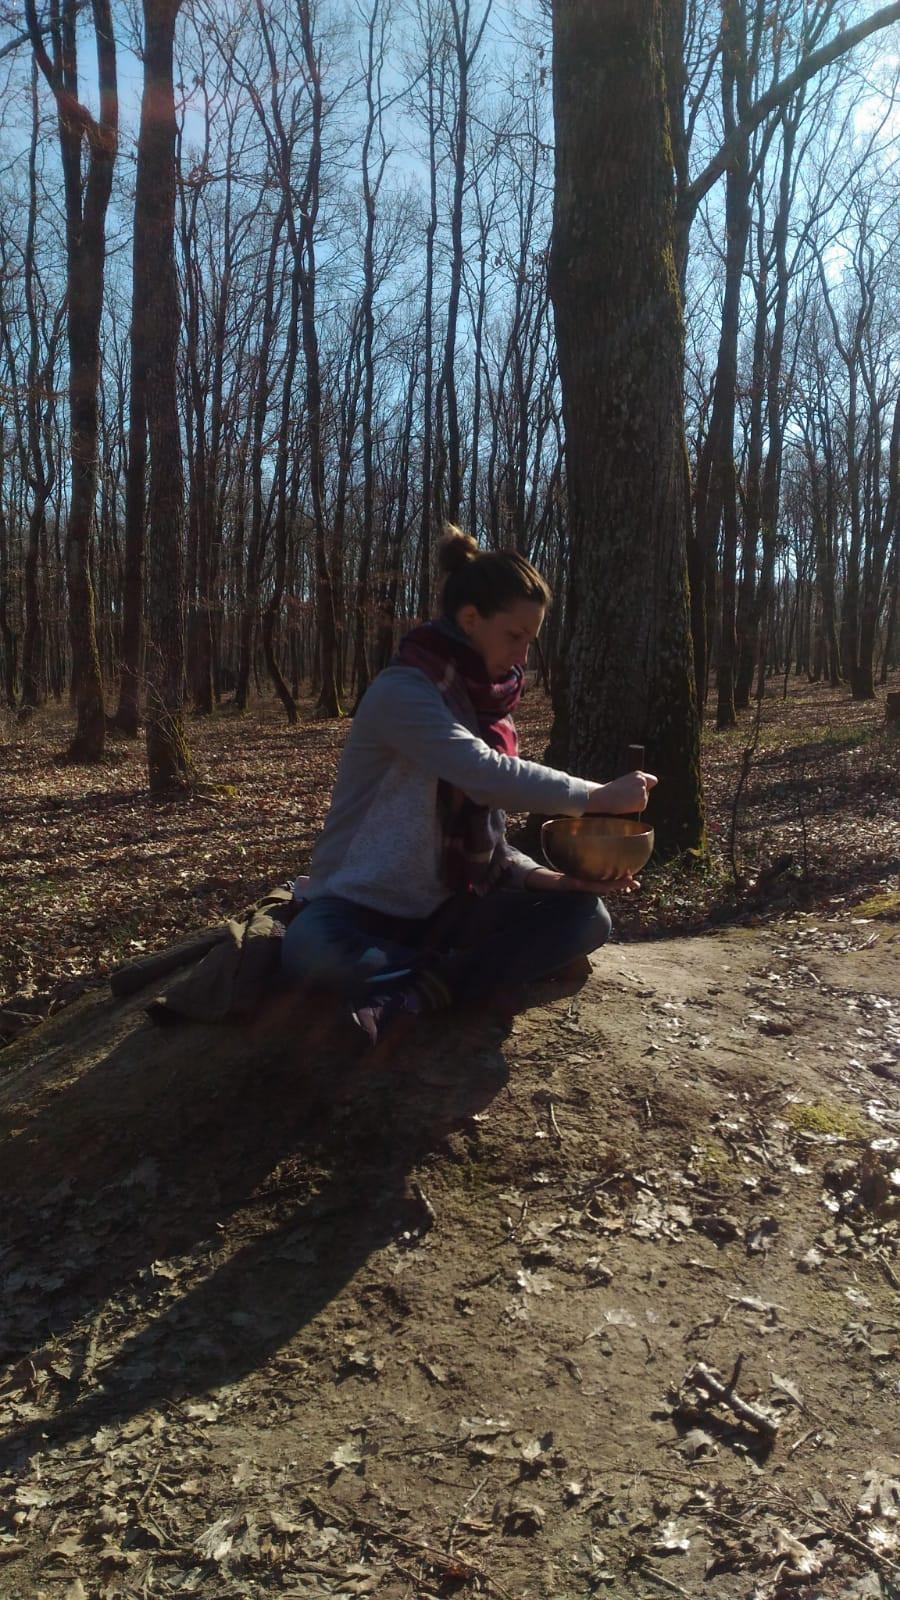 Jouer des bols dans la nature proche de Touloues. Un bonheur sans nom :) Merci à mon amie présente qui prend la photo par surprise.